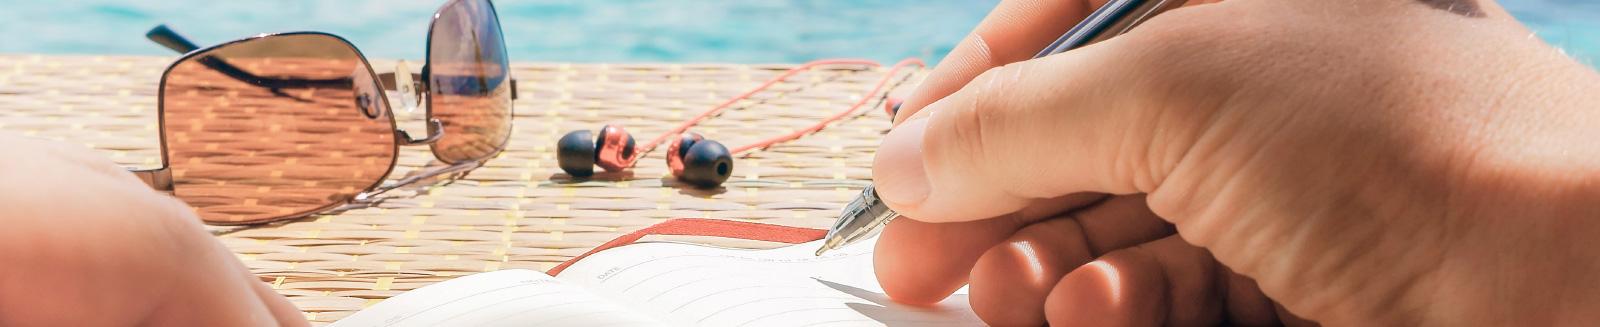 יד כותבת בספר- נפלאות כתיבה ותוכן